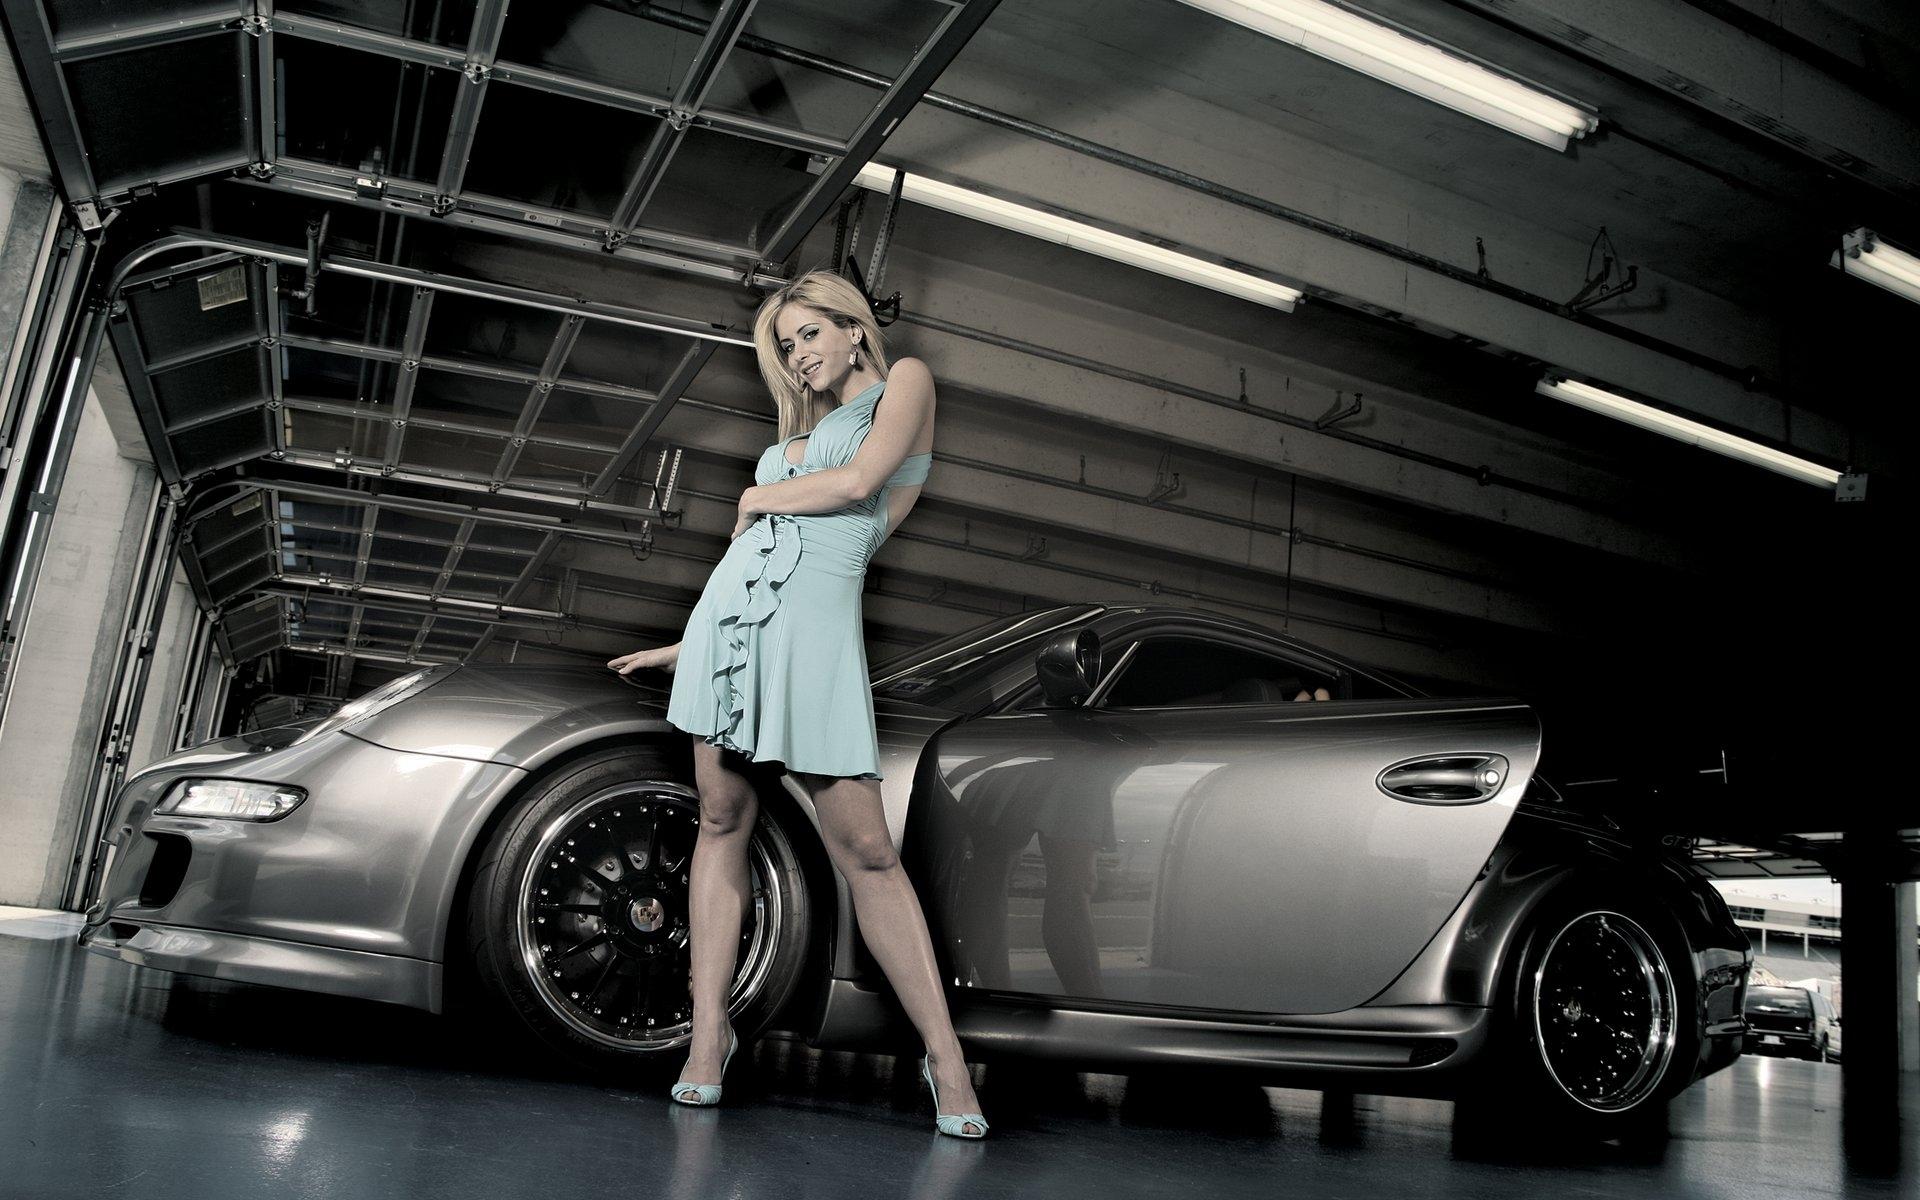 original wallpaper download: Beautiful girl and car - 1920x1200